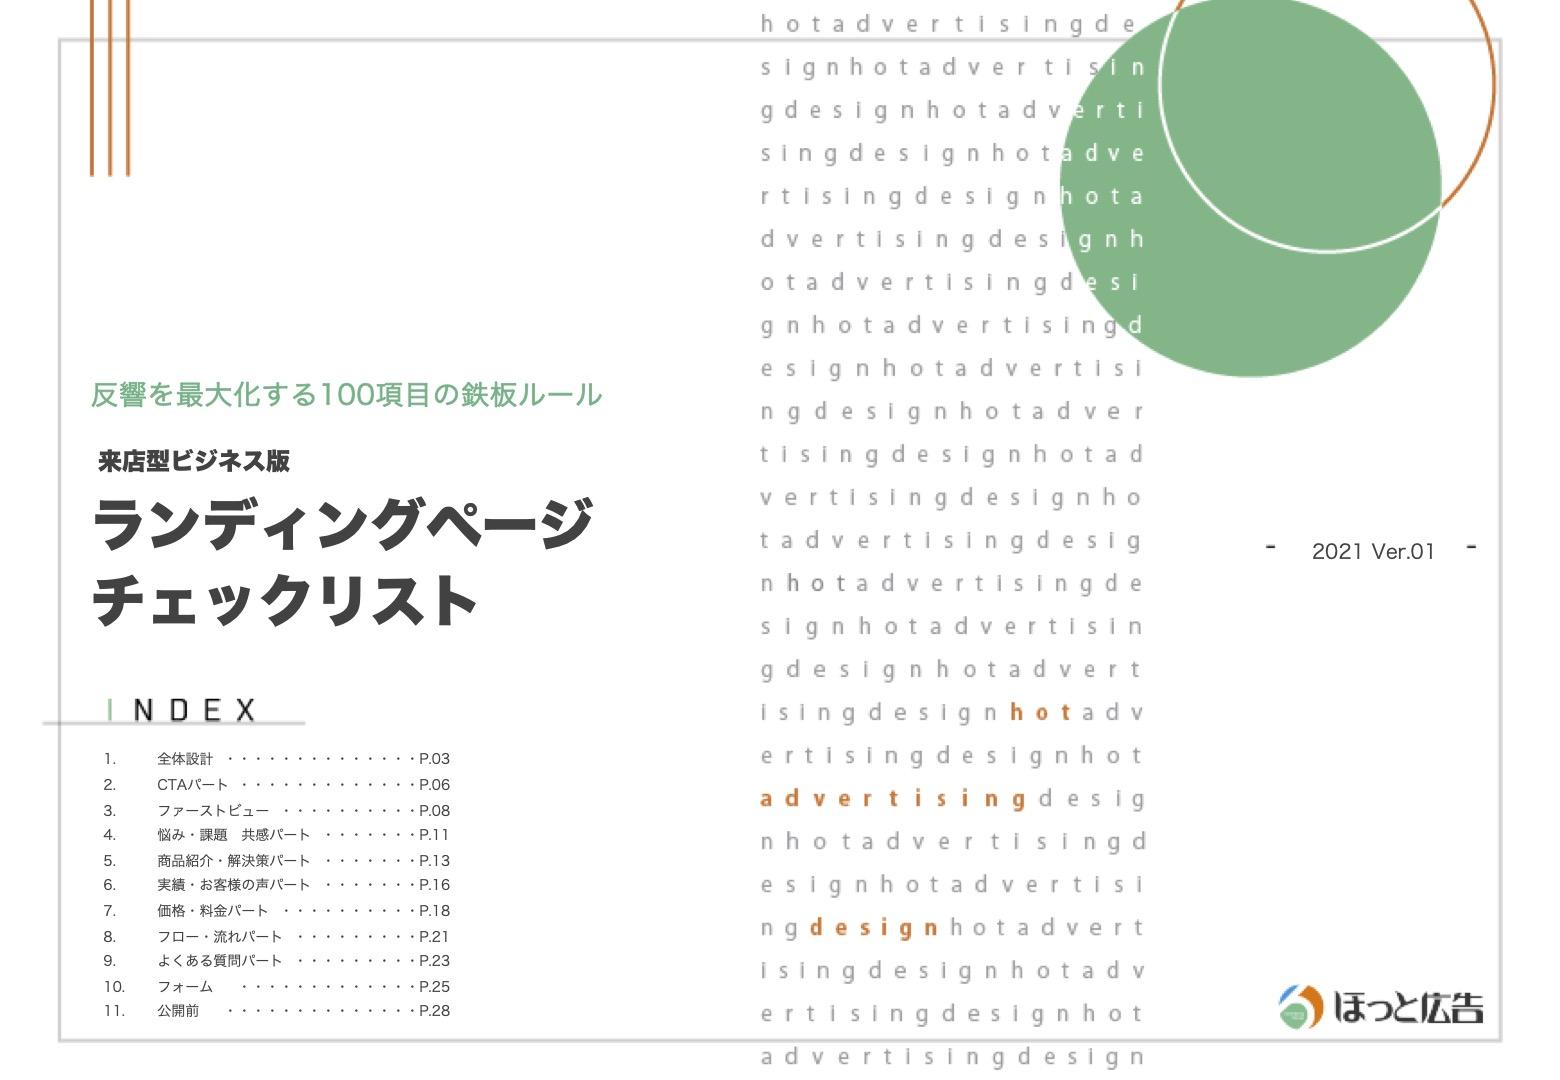 ランディングページの反響を最大化する100のチェックリスト【資料ダウンロード】